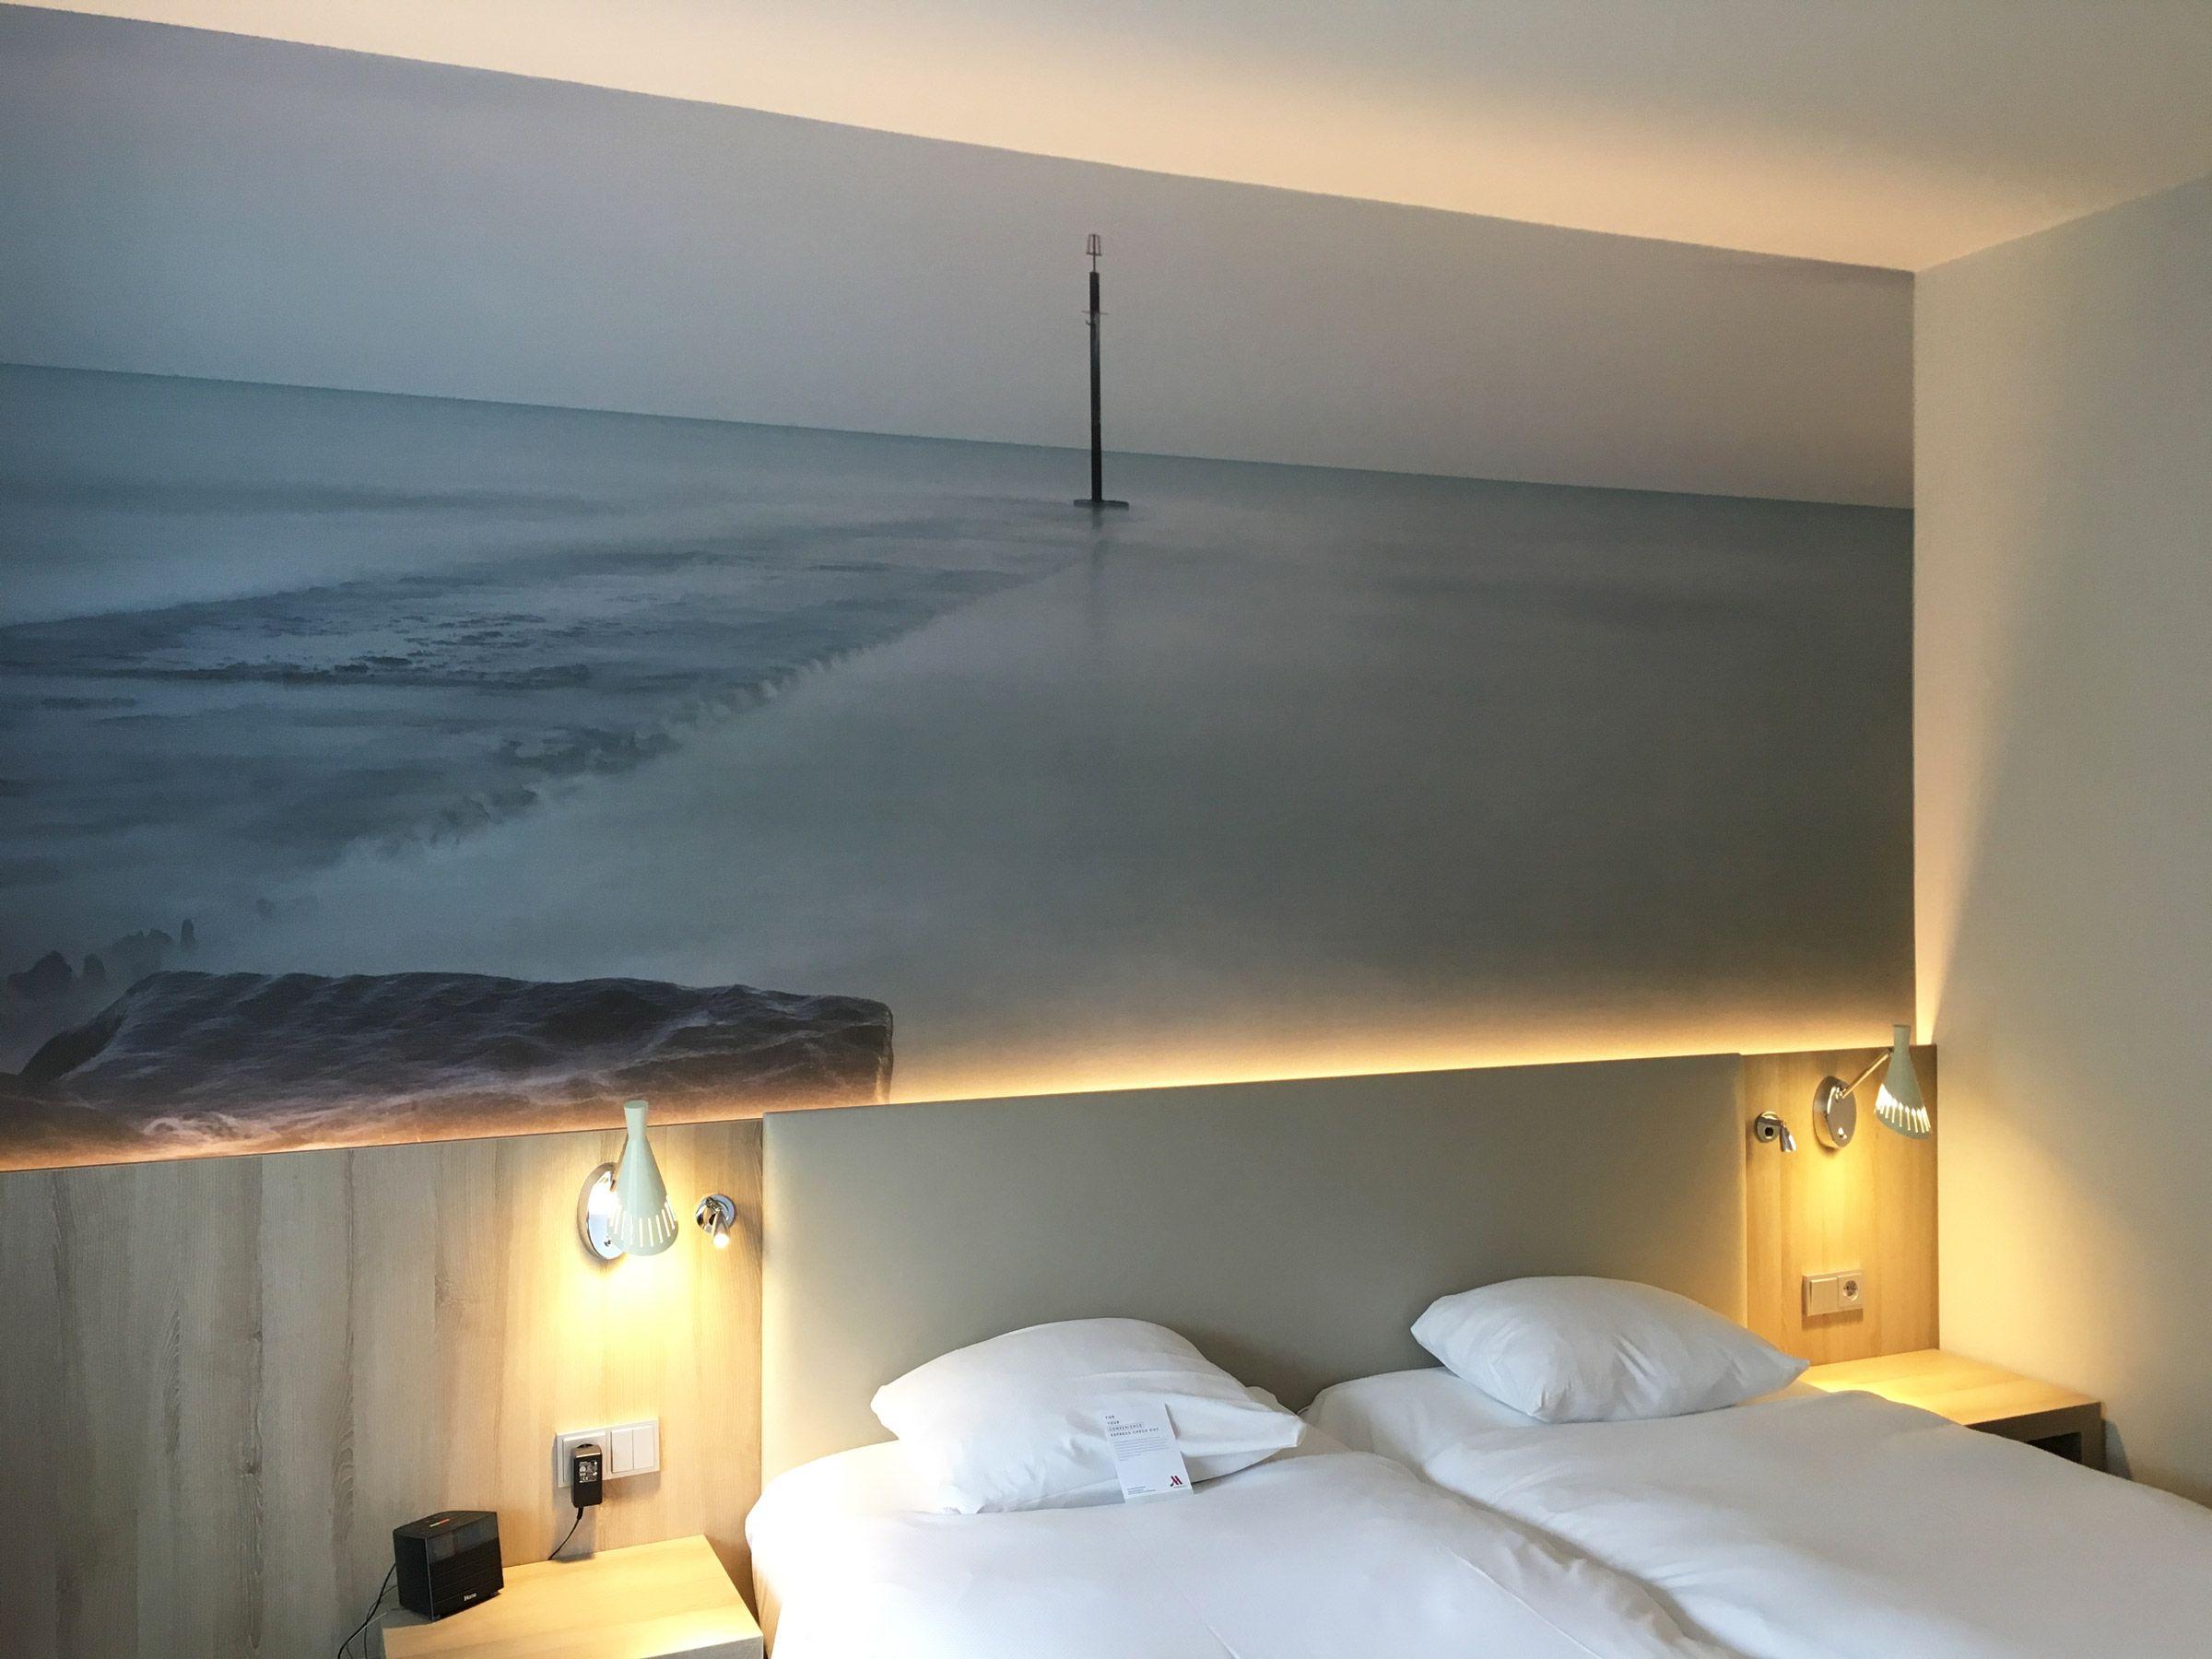 Chinees Tv Meubel Den Haag.Marriott Hotel Den Haag Interieur By Muurbloem Design Studio